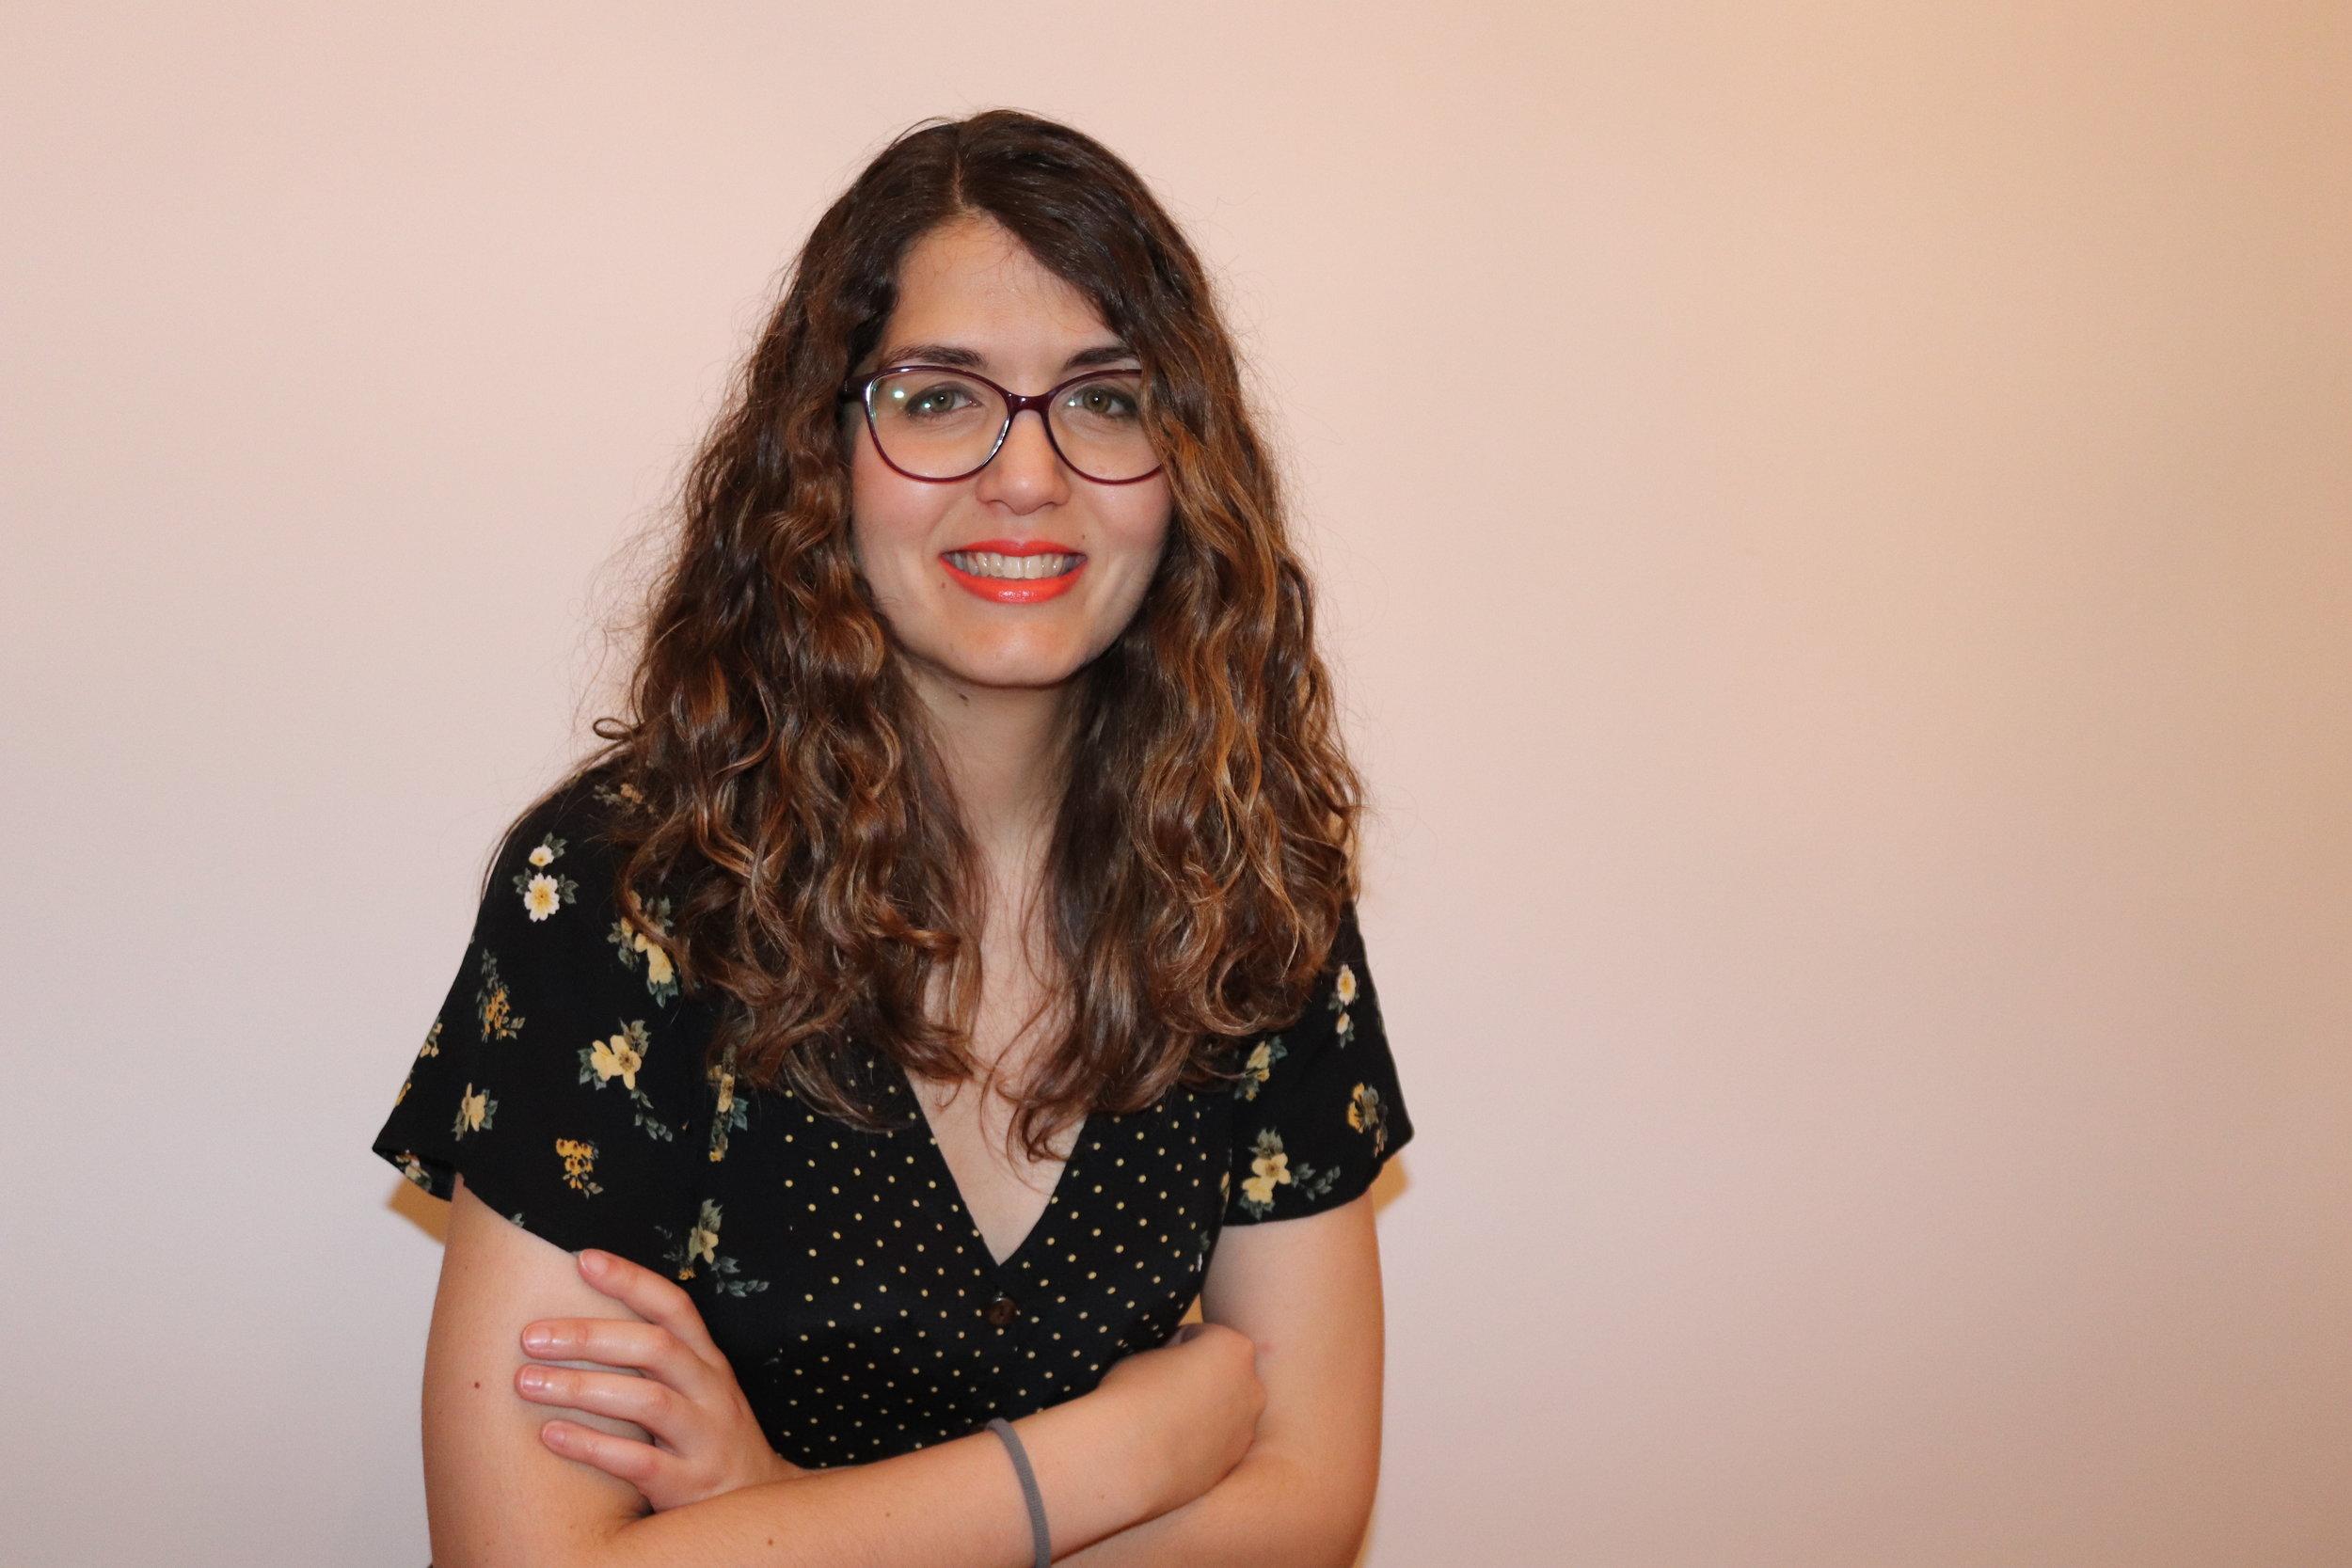 Elena Cordero Gutiérrez - Psicóloga clínica experta en Terapia de pareja